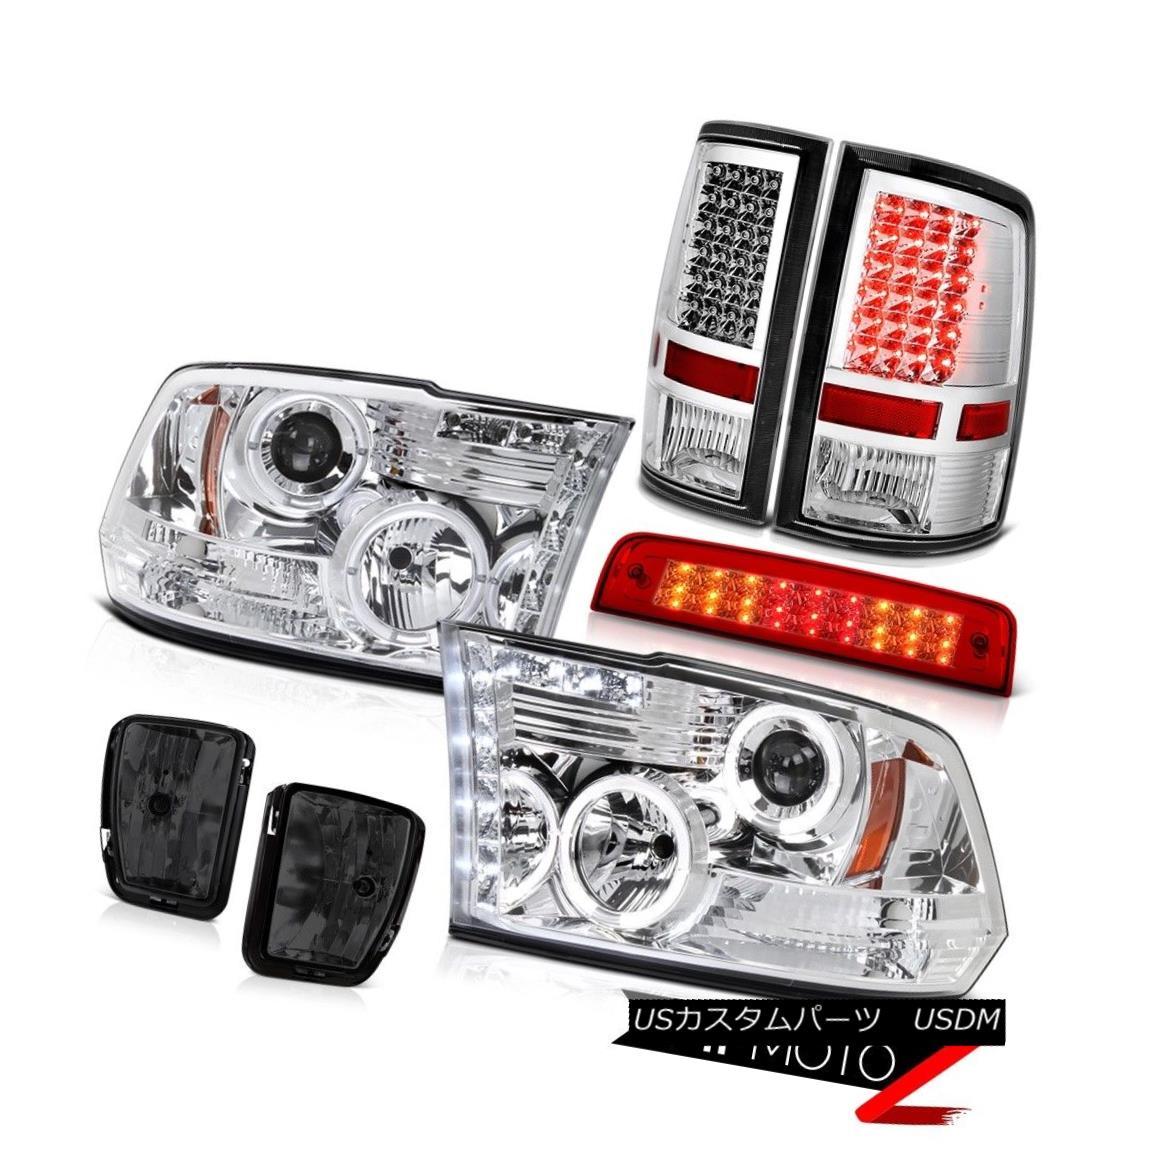 ヘッドライト 13-18 Ram 1500 SpoRT Bloody Red Roof Cargo Lamp Fog Lights Tail Headlamps LED 13-18ラム1500 SpoRTブラッディレッド屋根カーゴランプフォグライトテールヘッドランプLED画像